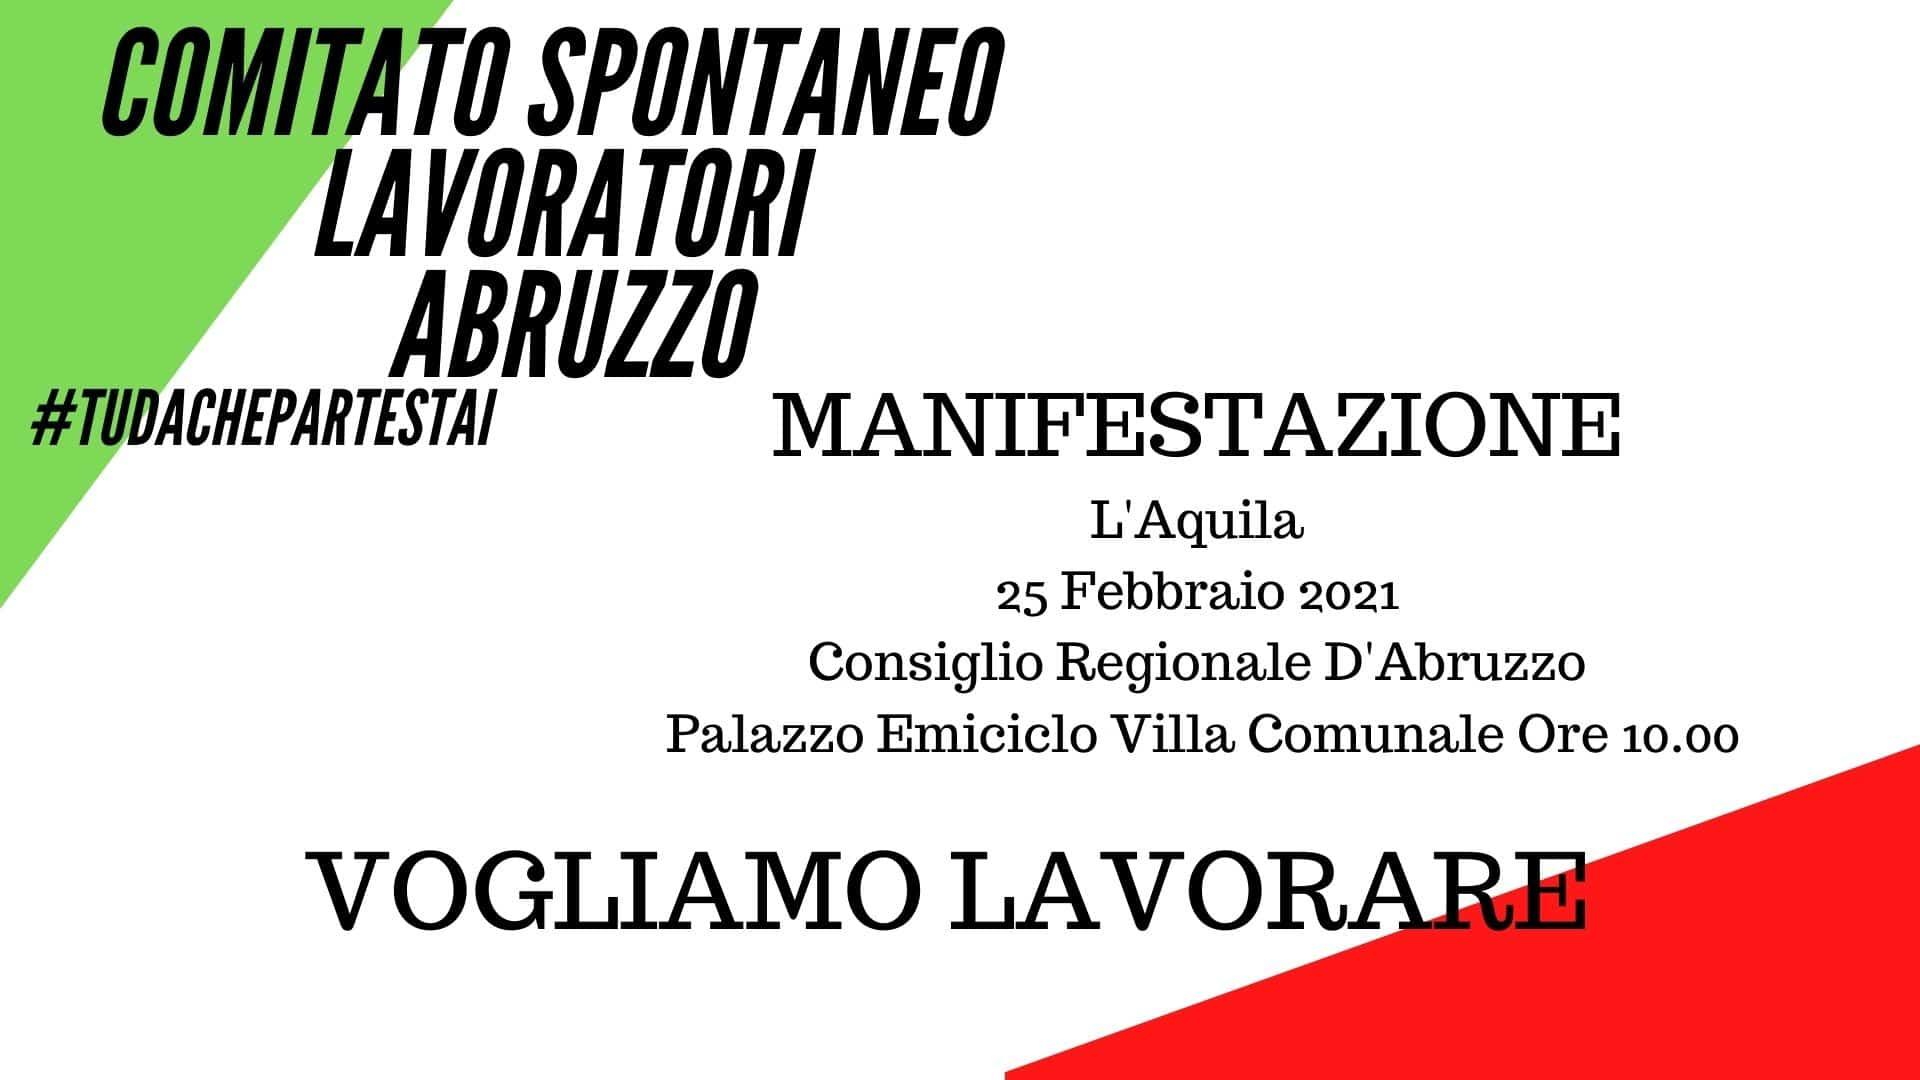 Comitato Spontaneo Lavoratori Abruzzo, domani a L'Aquila manifestazione di protesta contro la Regione Abruzzo